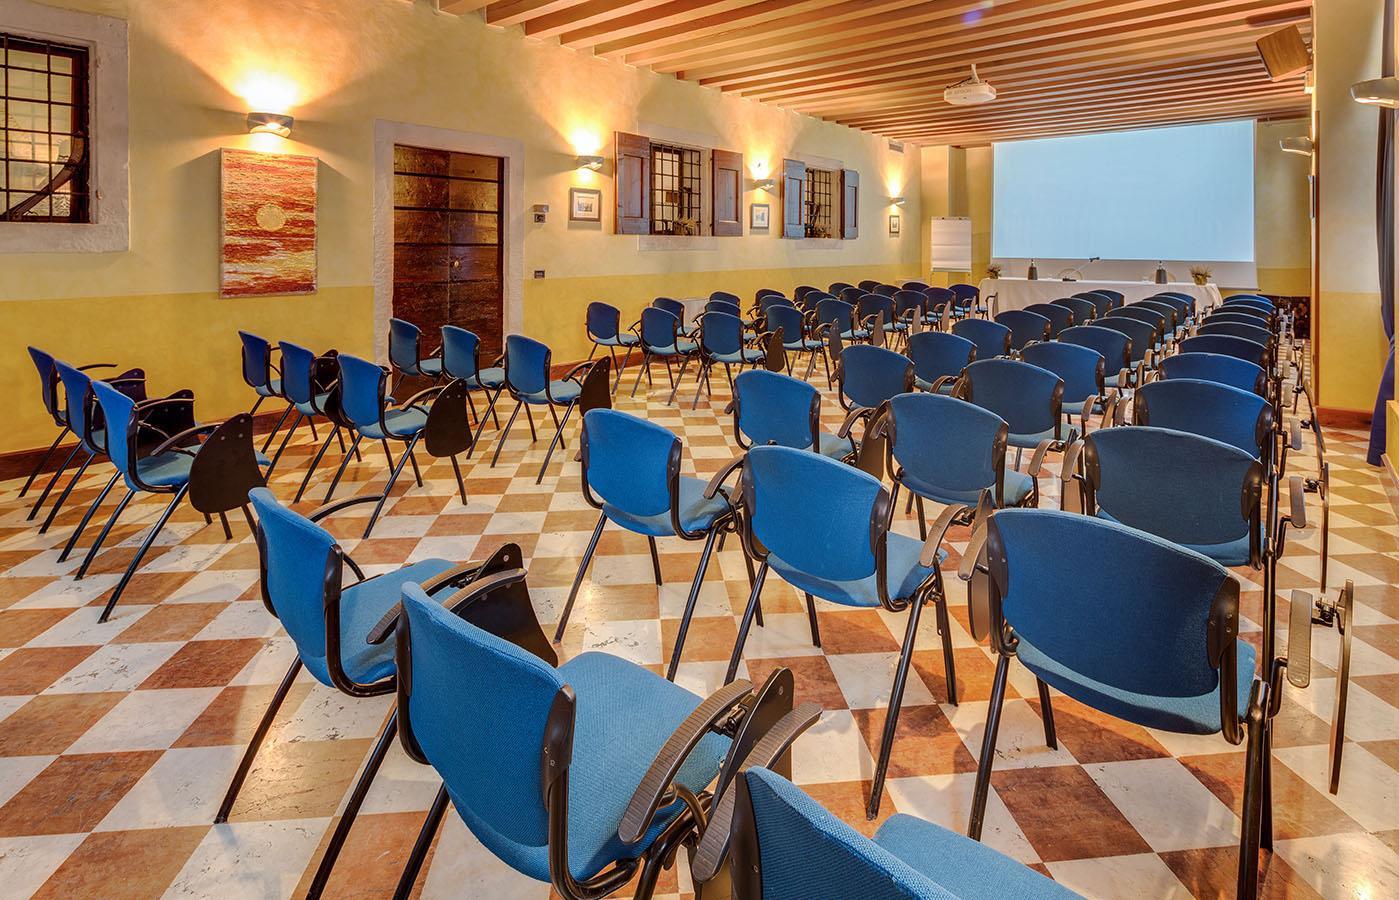 Sale Riunioni Padova : Bw plus hotel villa tacchi gazzo padova: prenota online best western